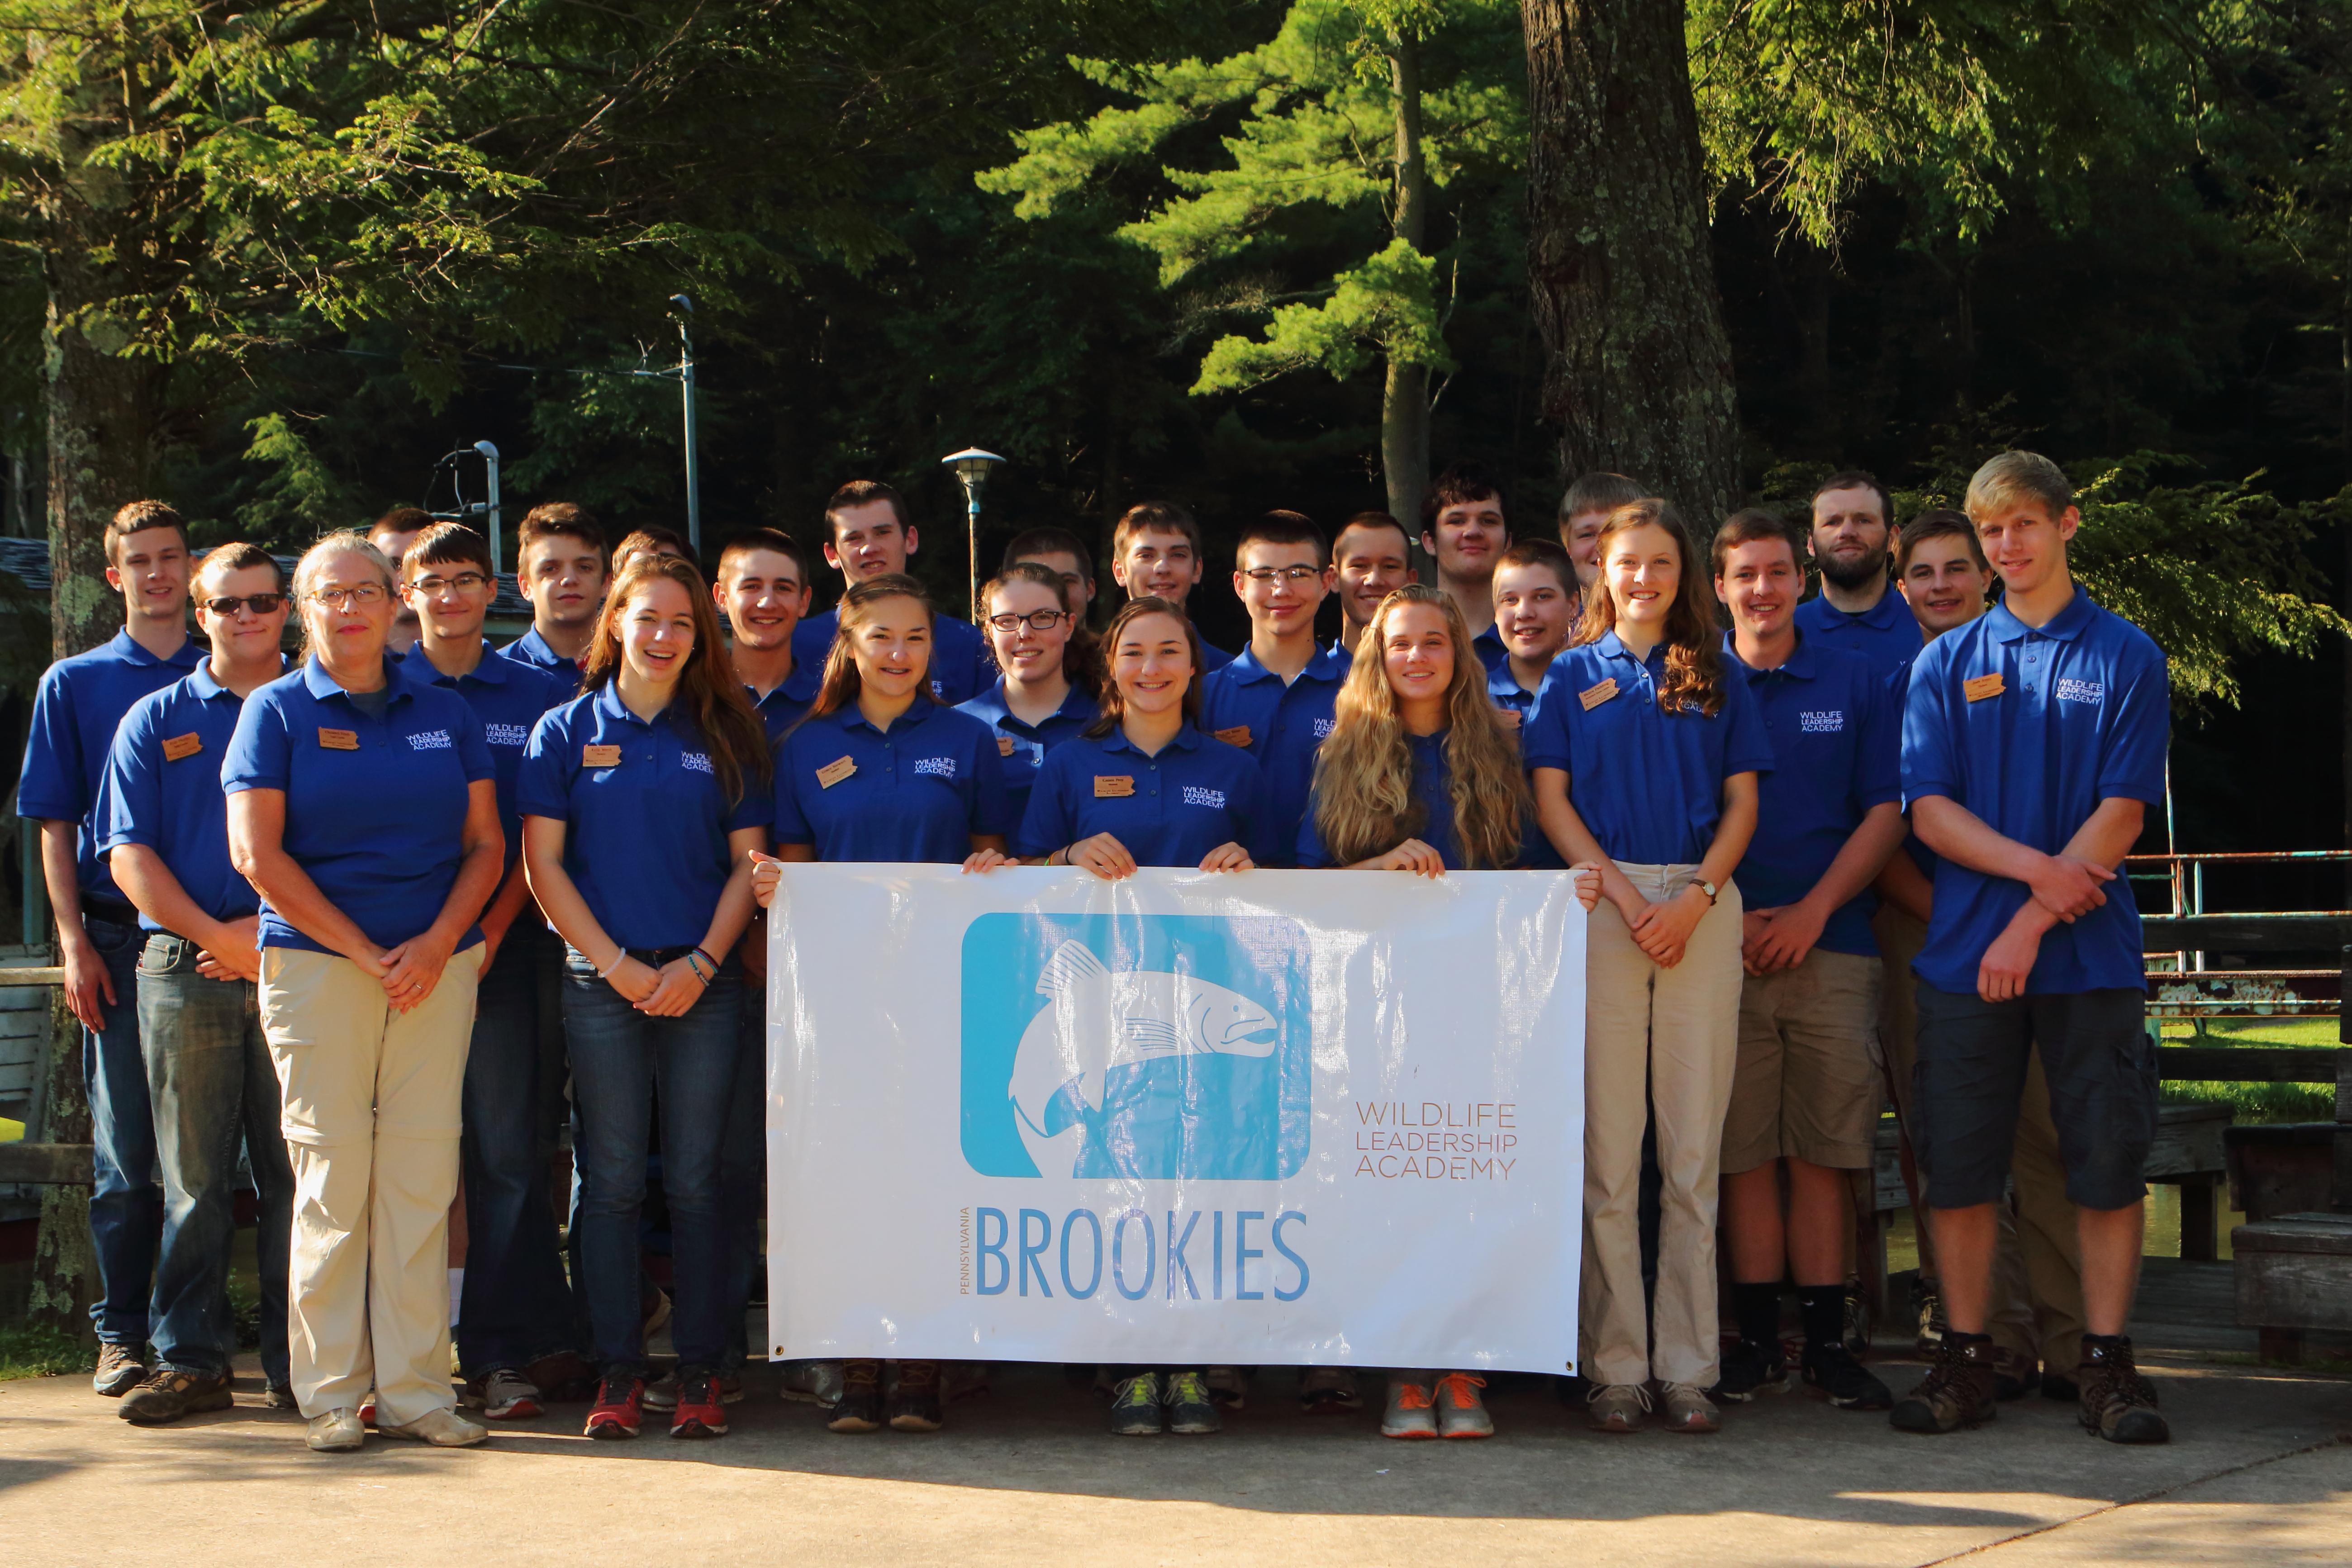 Brookies 2015 Team Photo